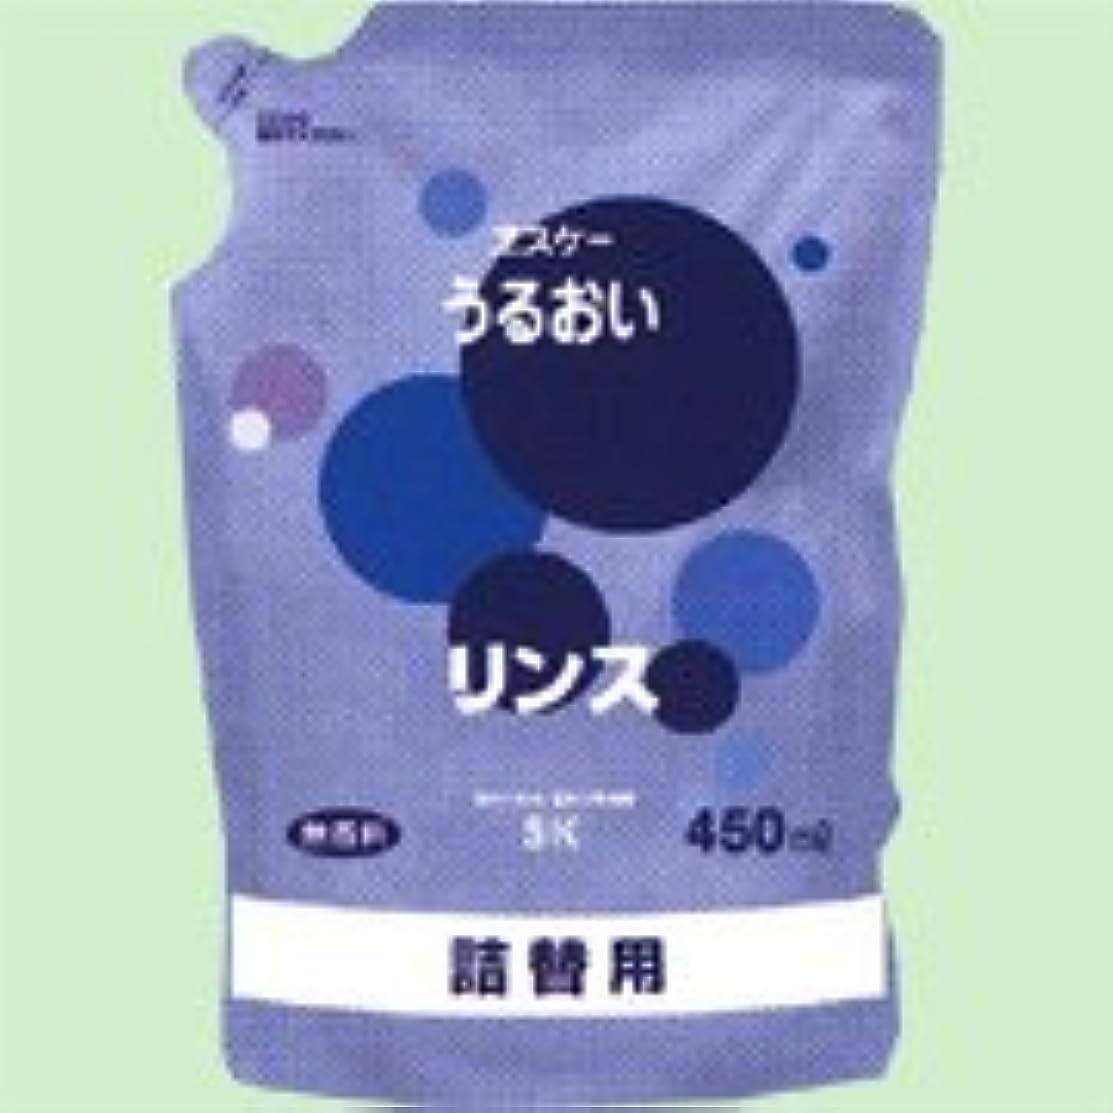 レクリエーション詳細なレシピうるおいリンス詰替 450ml     ヱスケー石鹸